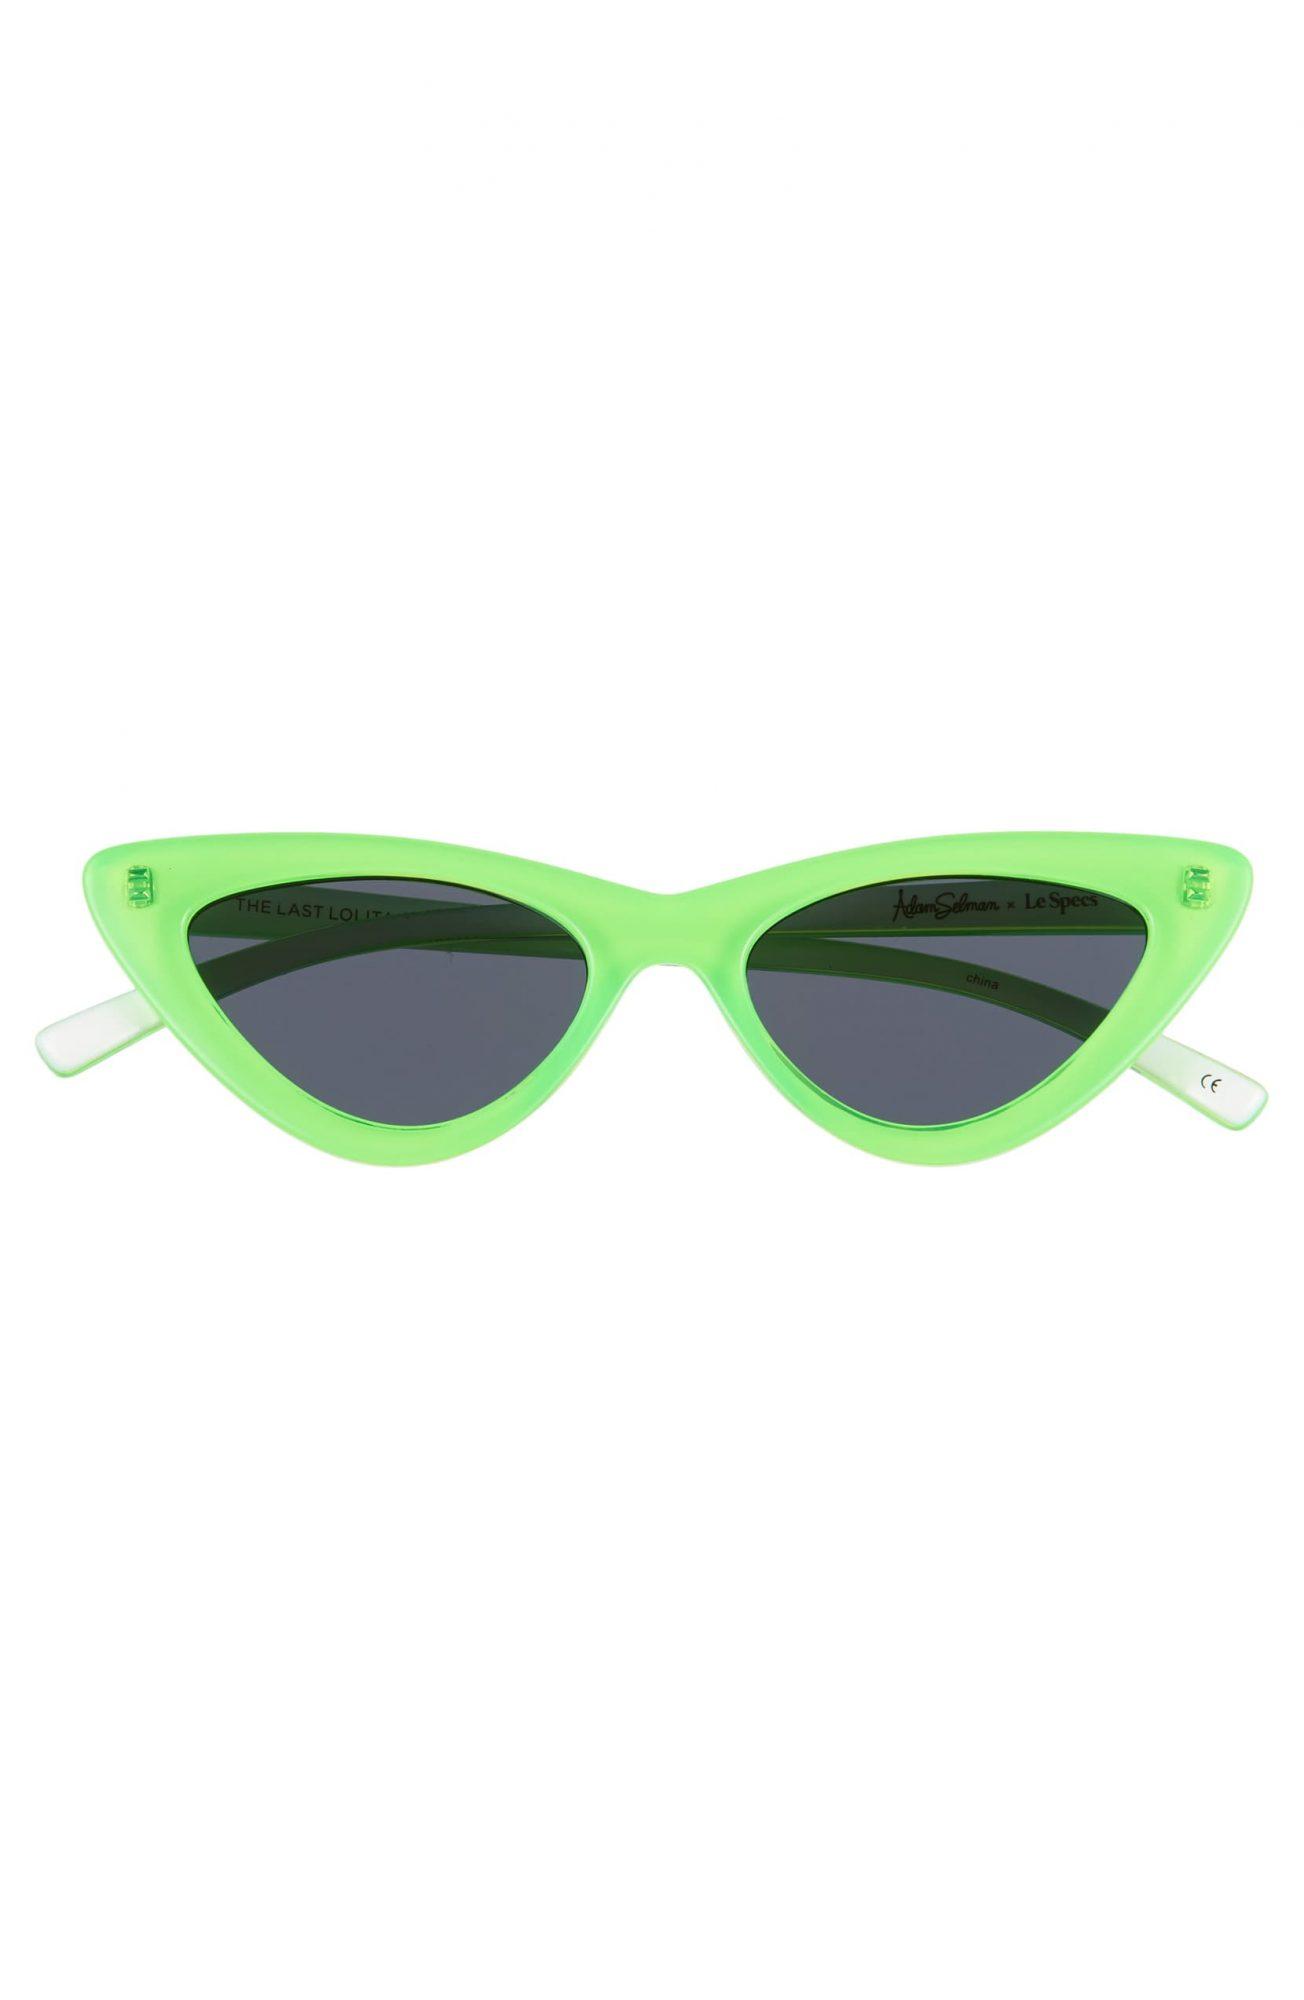 Adam Selman cat-eye sunglasses